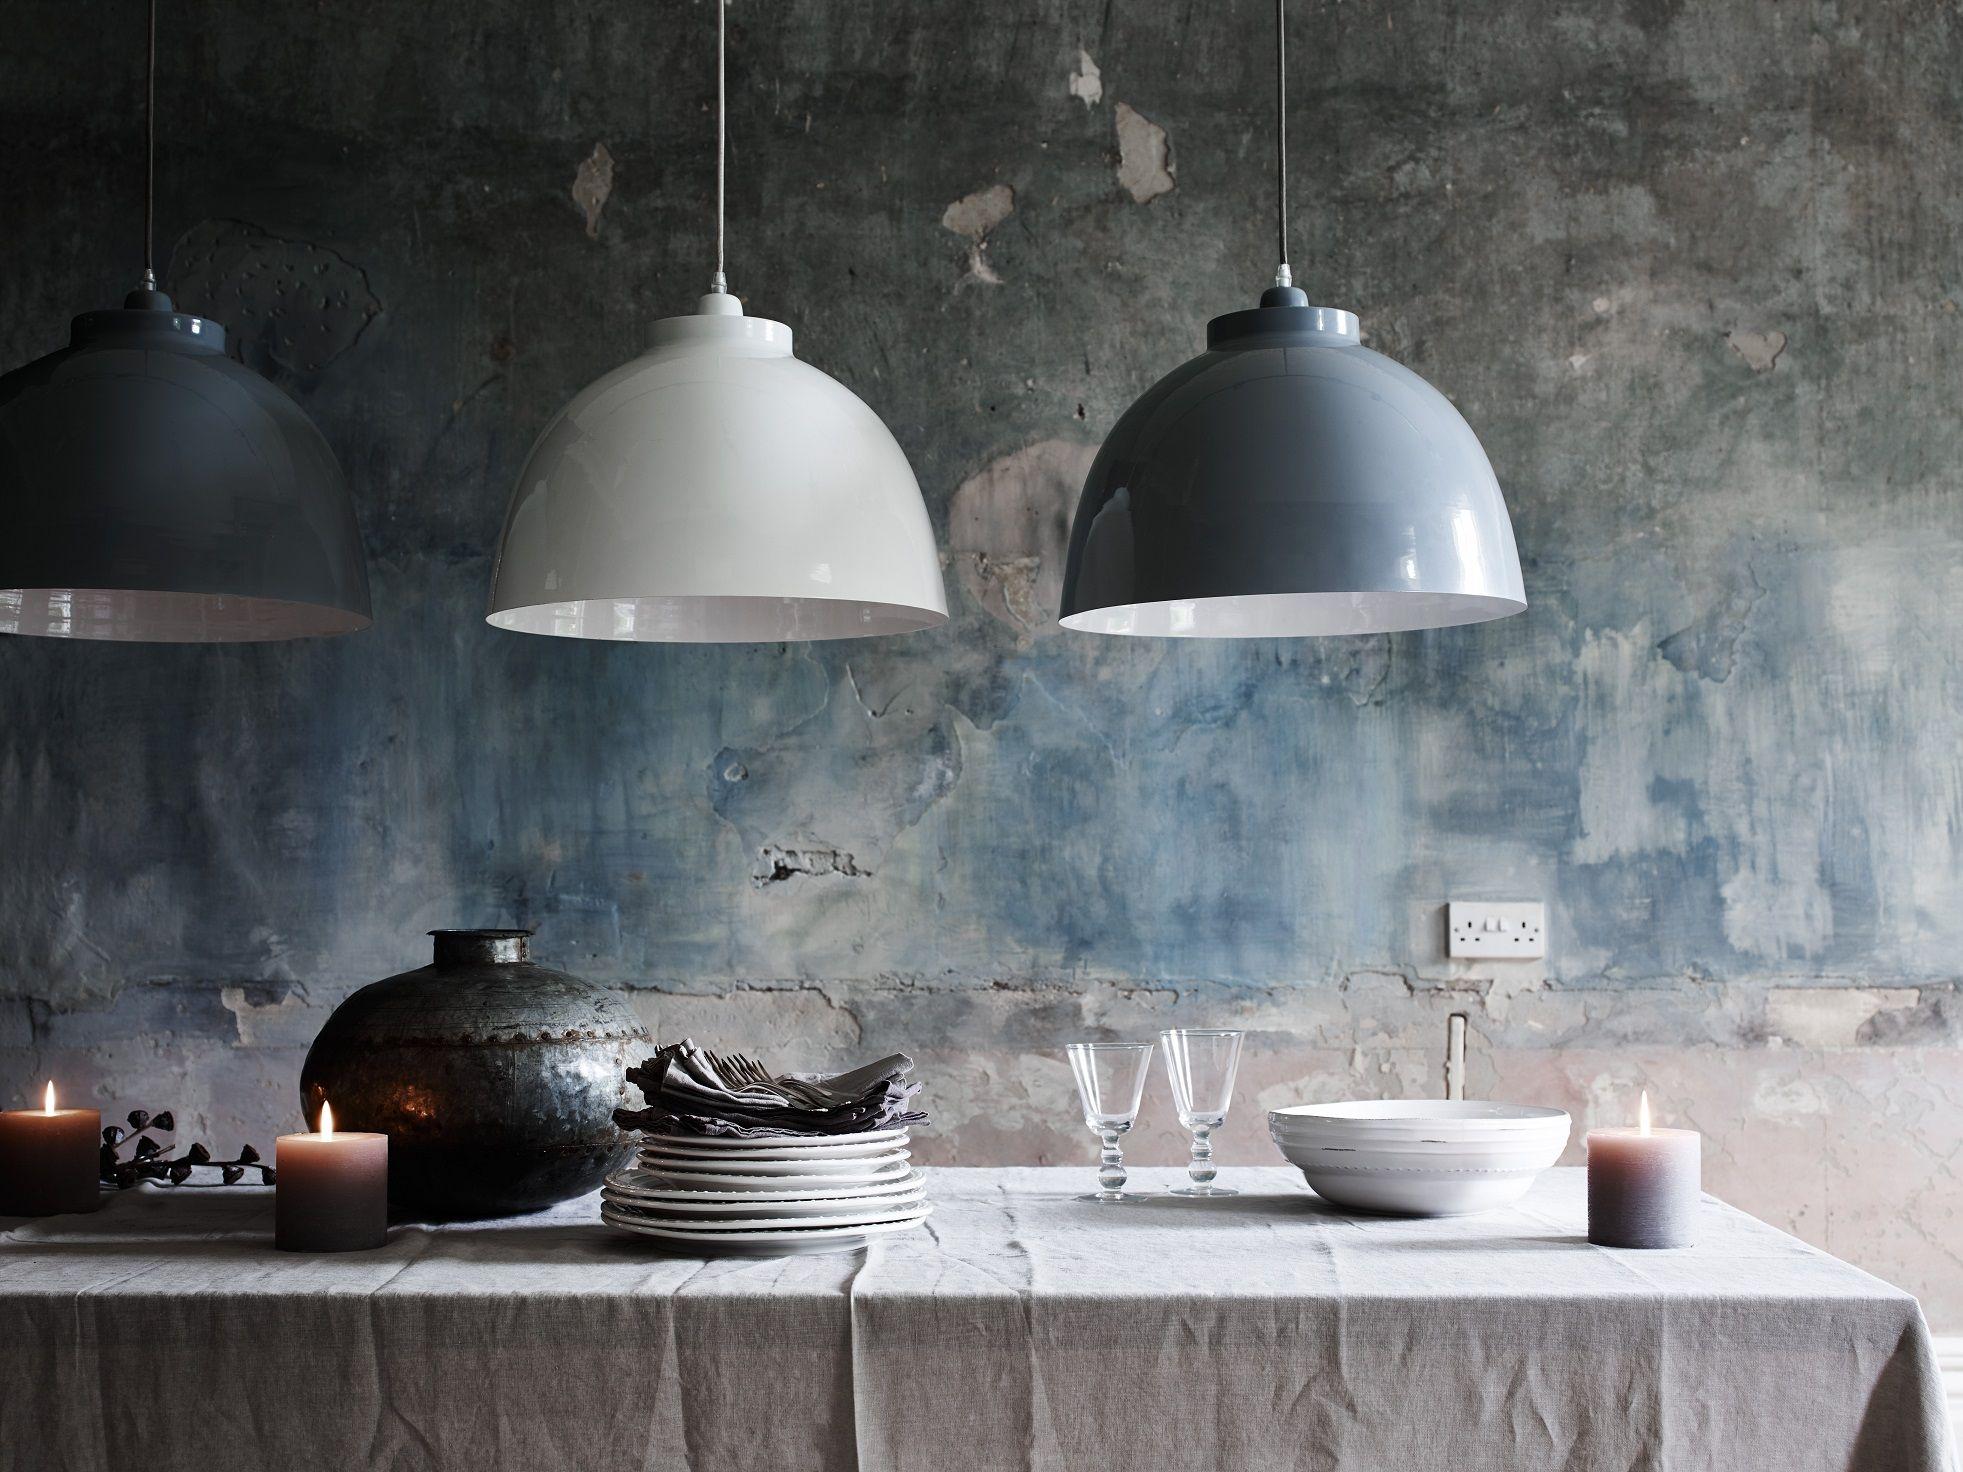 De byron hanglampen van neptune zijn prachtig in veelvoud boven de